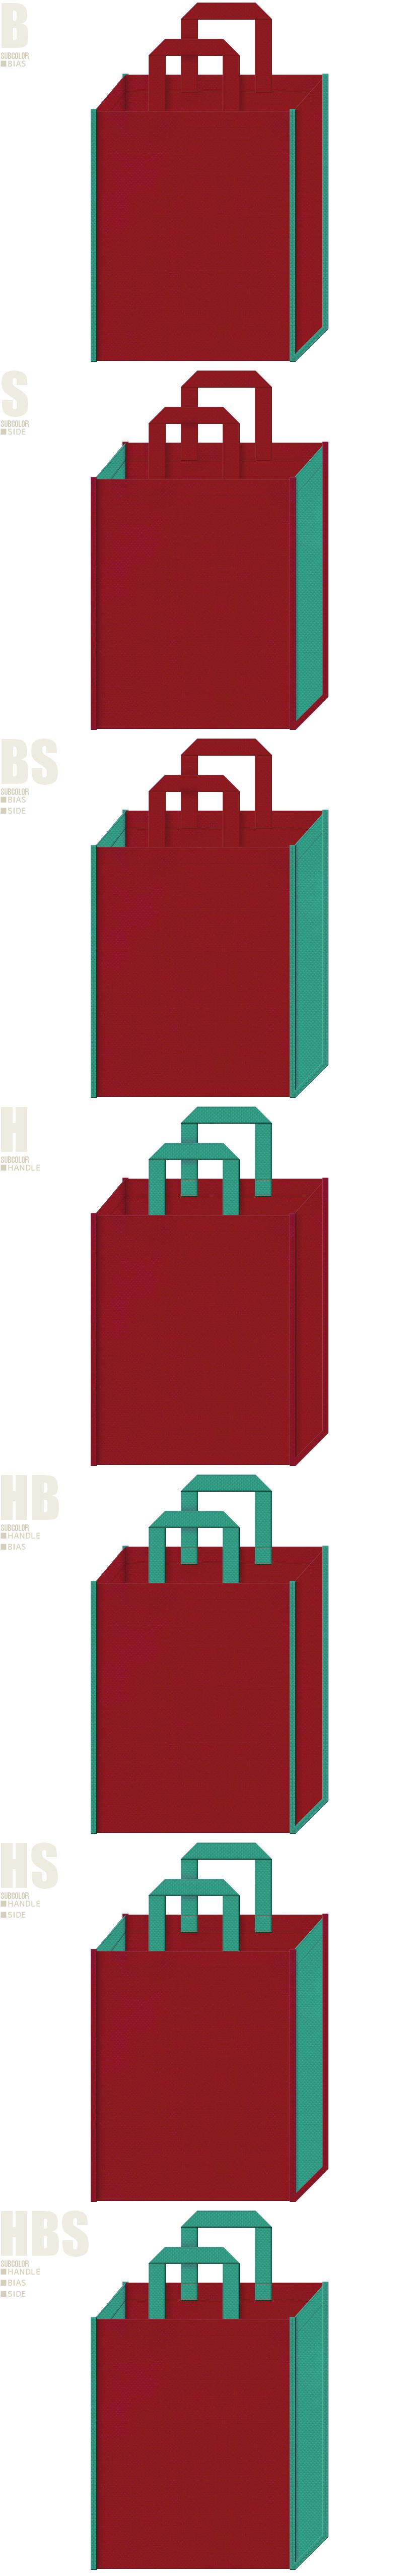 エンジ色と青緑色、7パターンの不織布トートバッグ配色デザイン例。